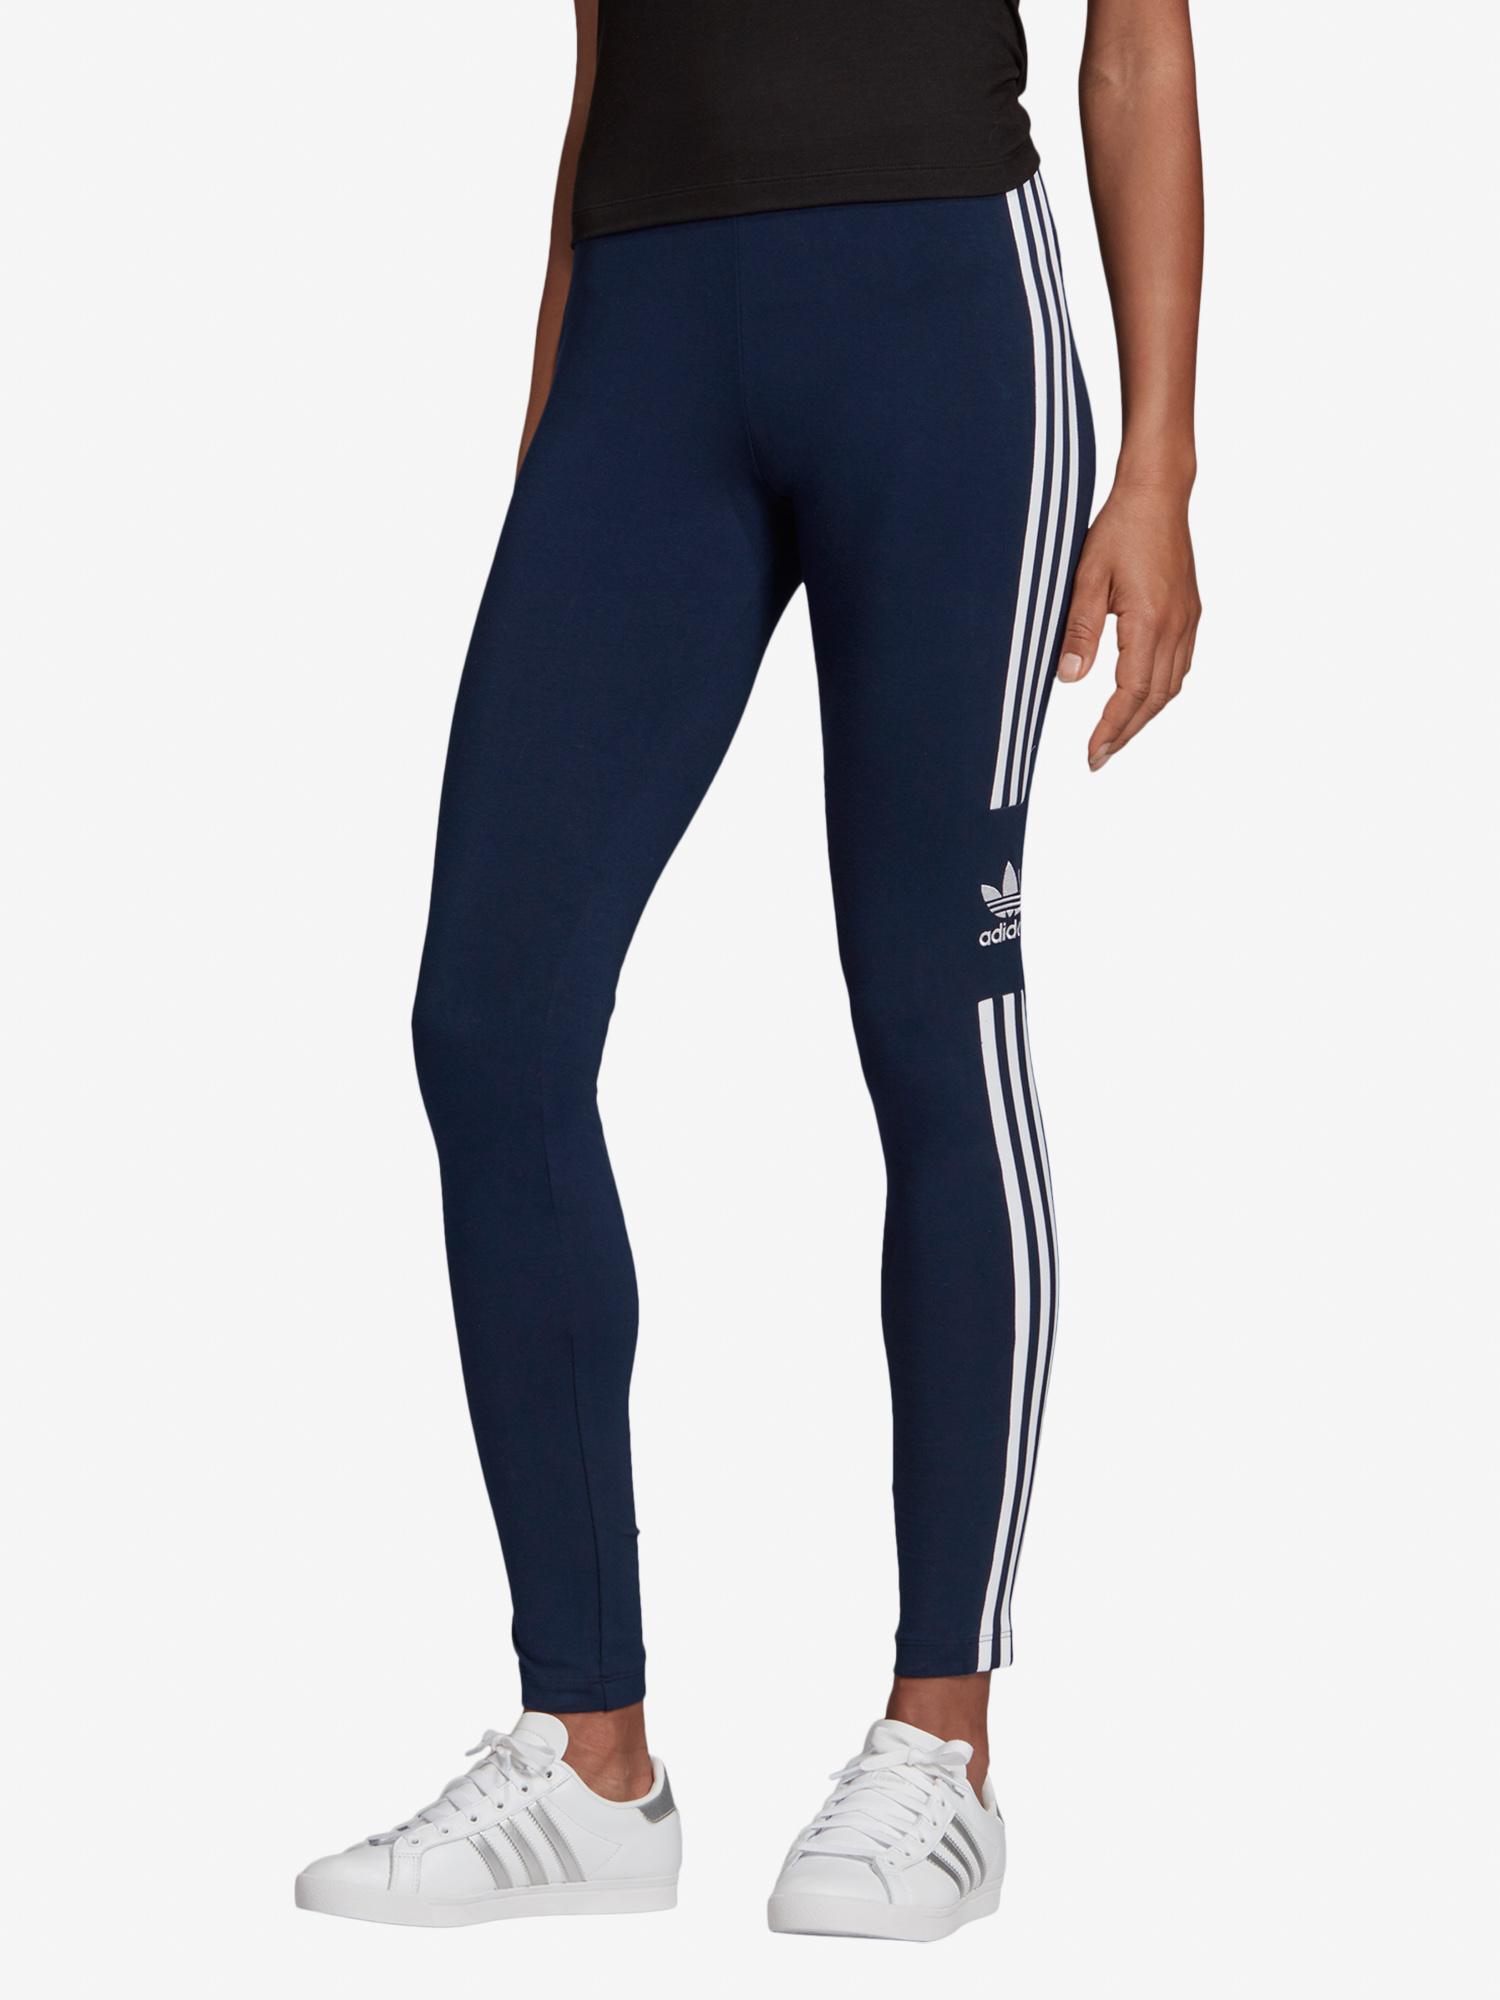 Adidas Originals Trefoil Tight Leggings